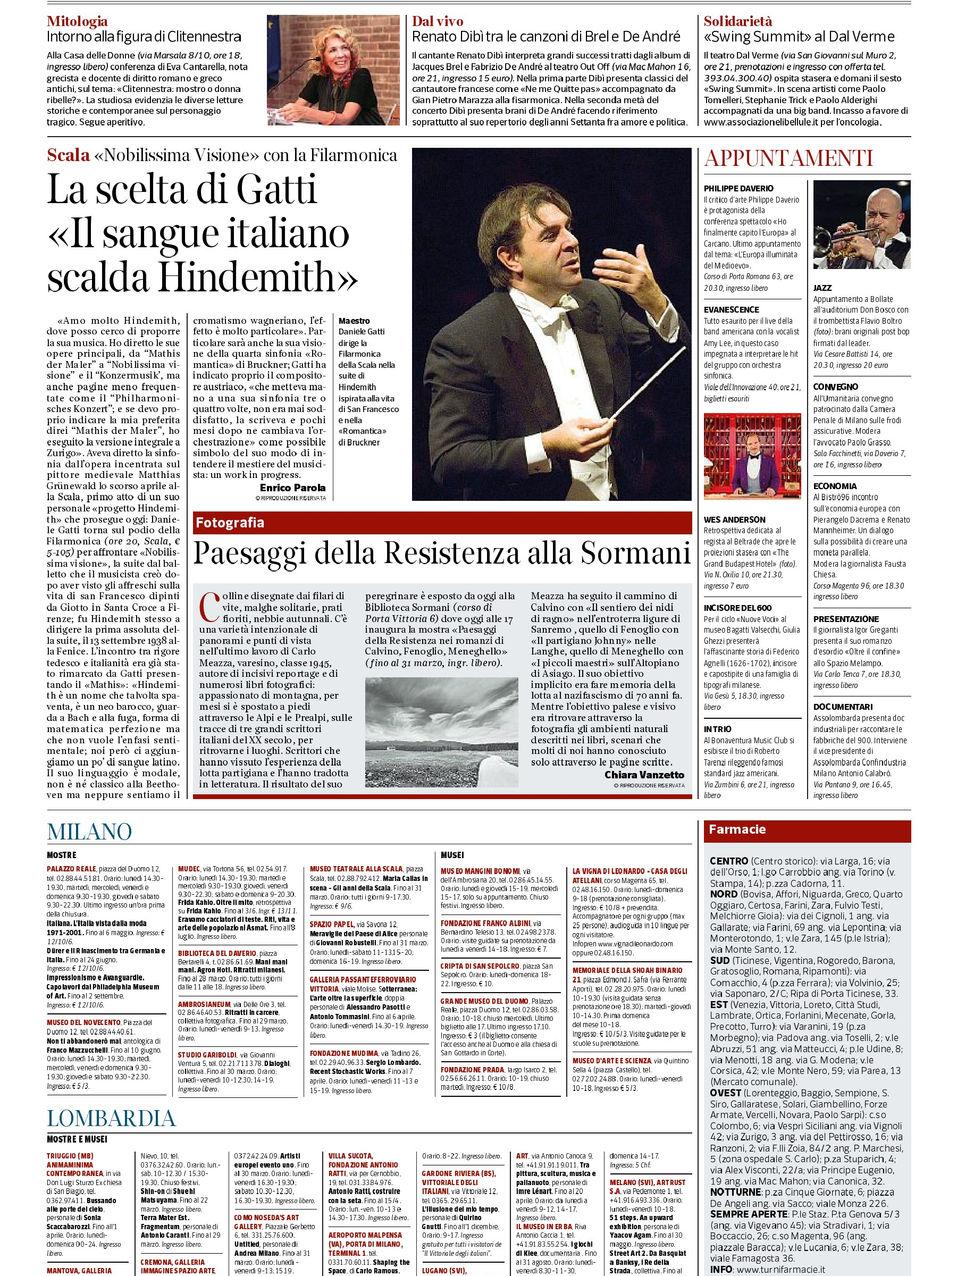 Corriere della sera Ed. Milano 19.03.18